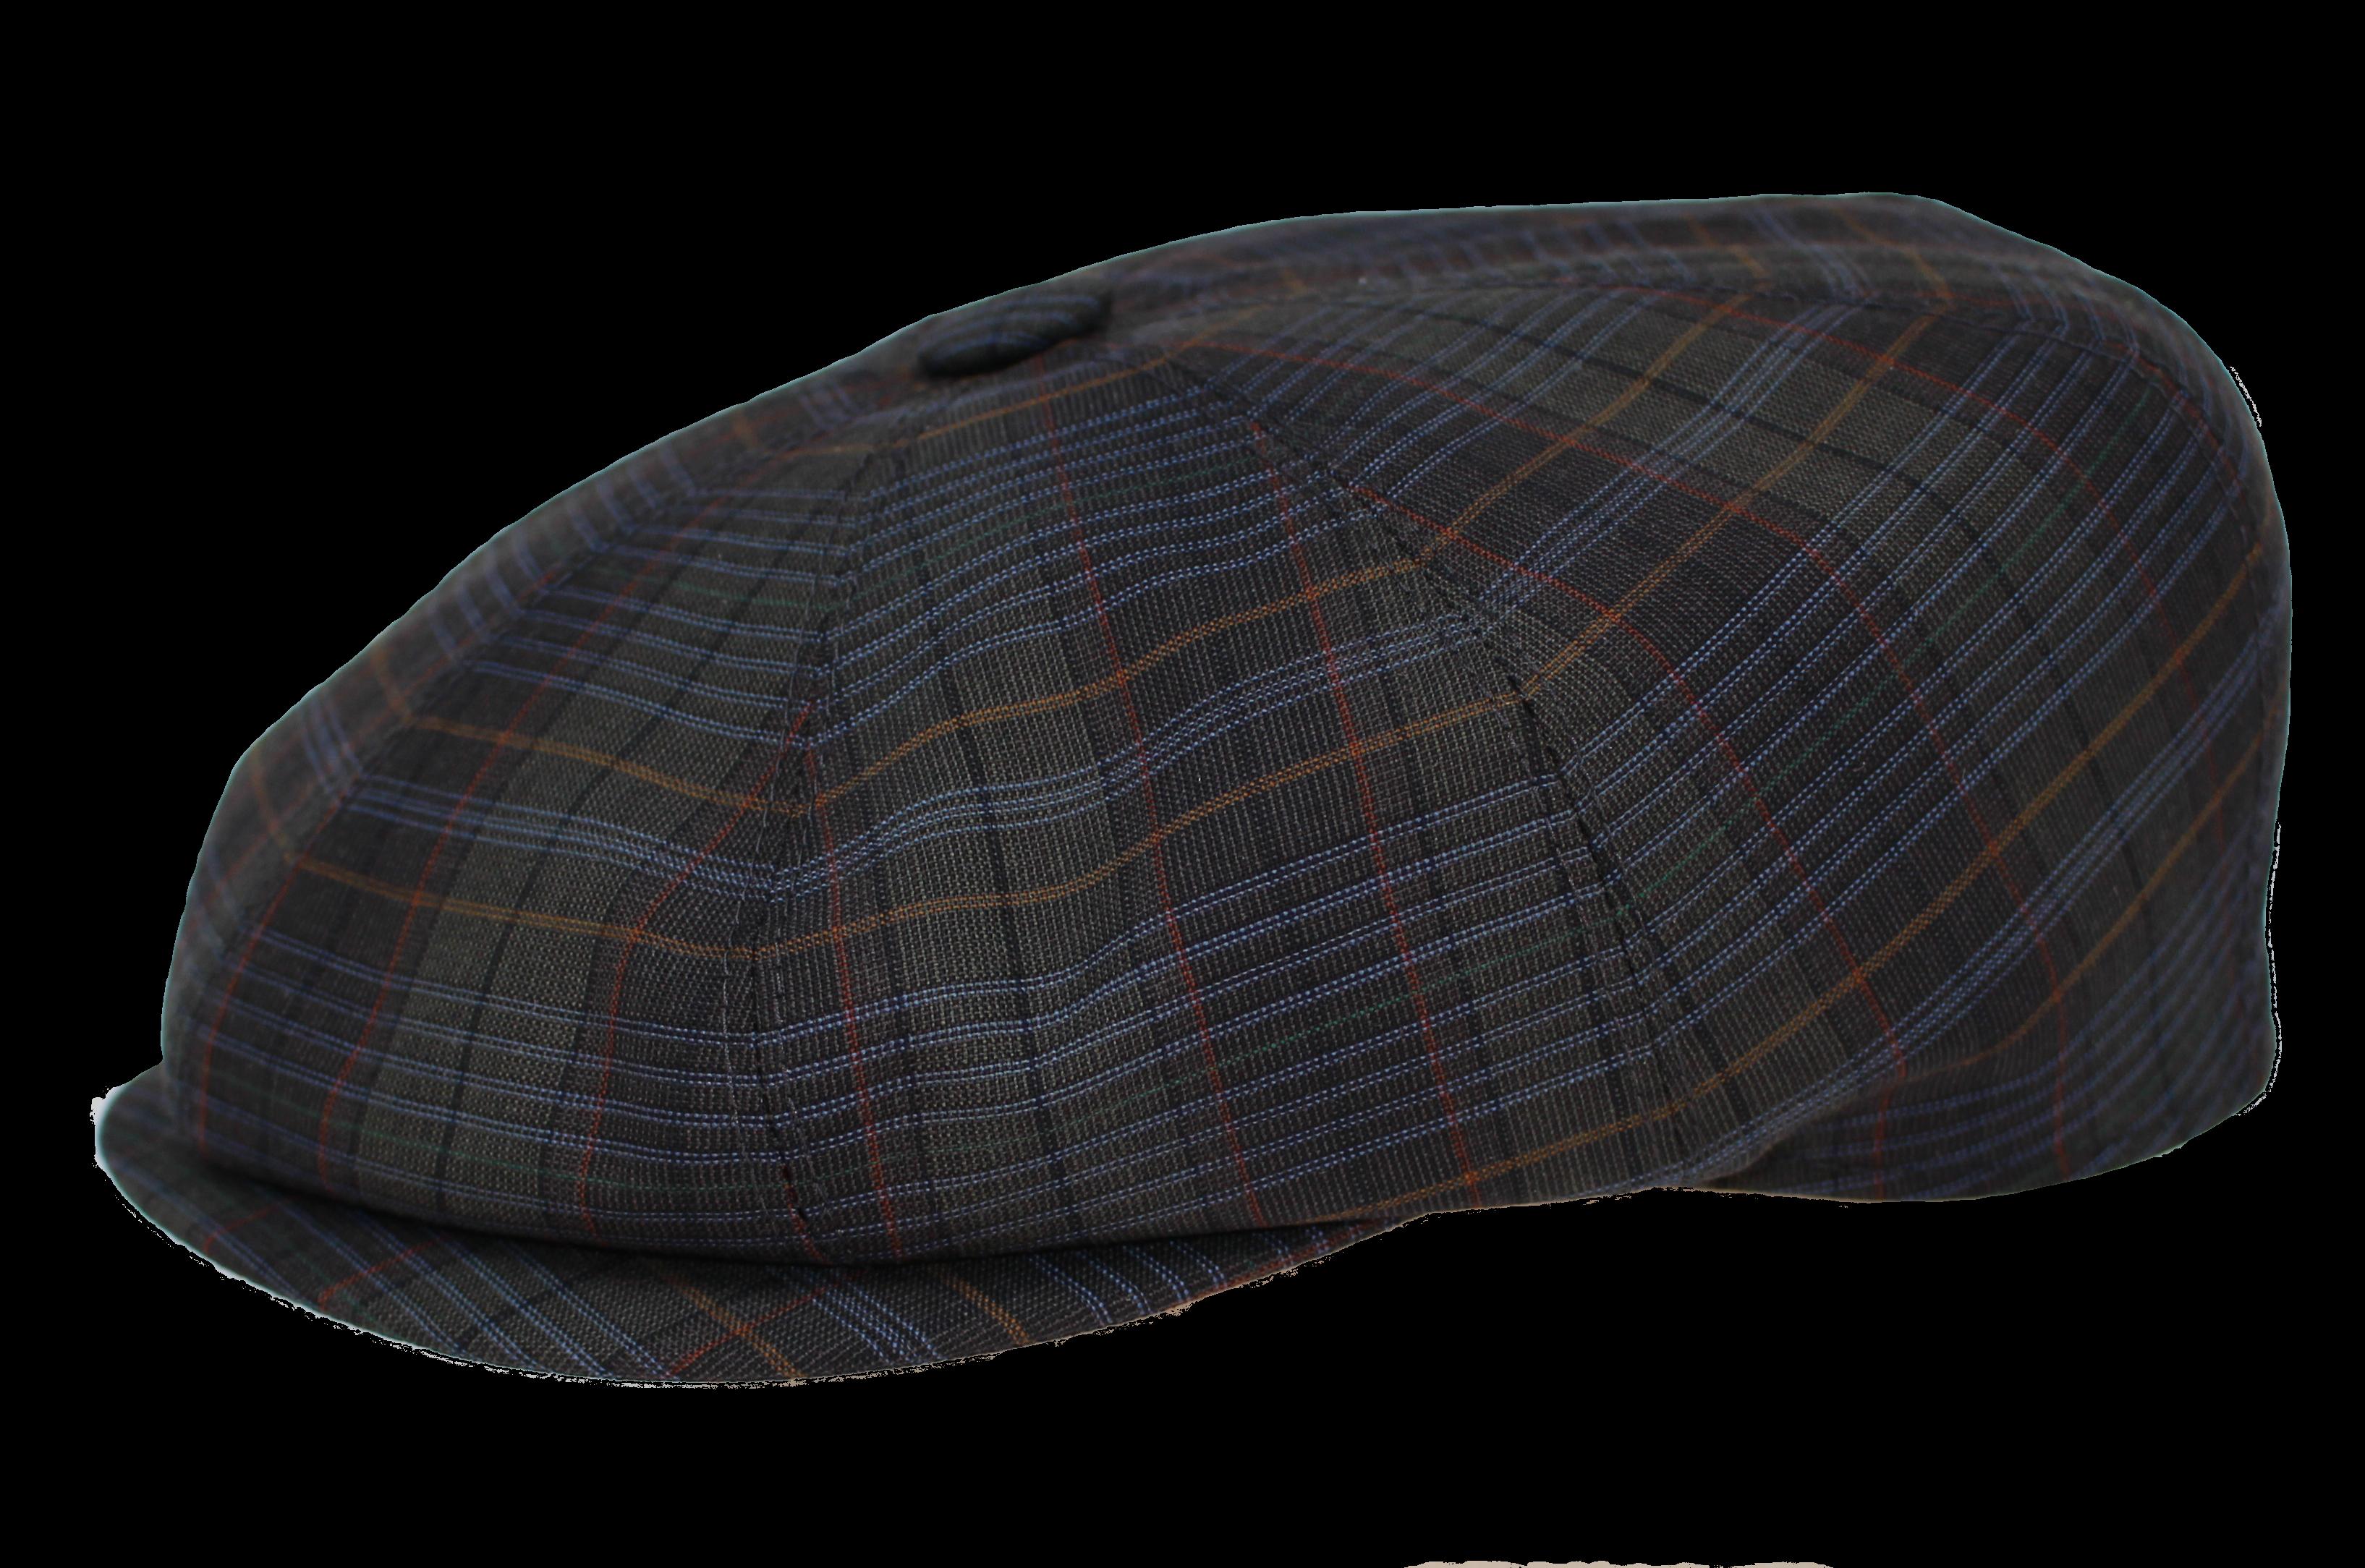 Ballonkappe 59 grün karo